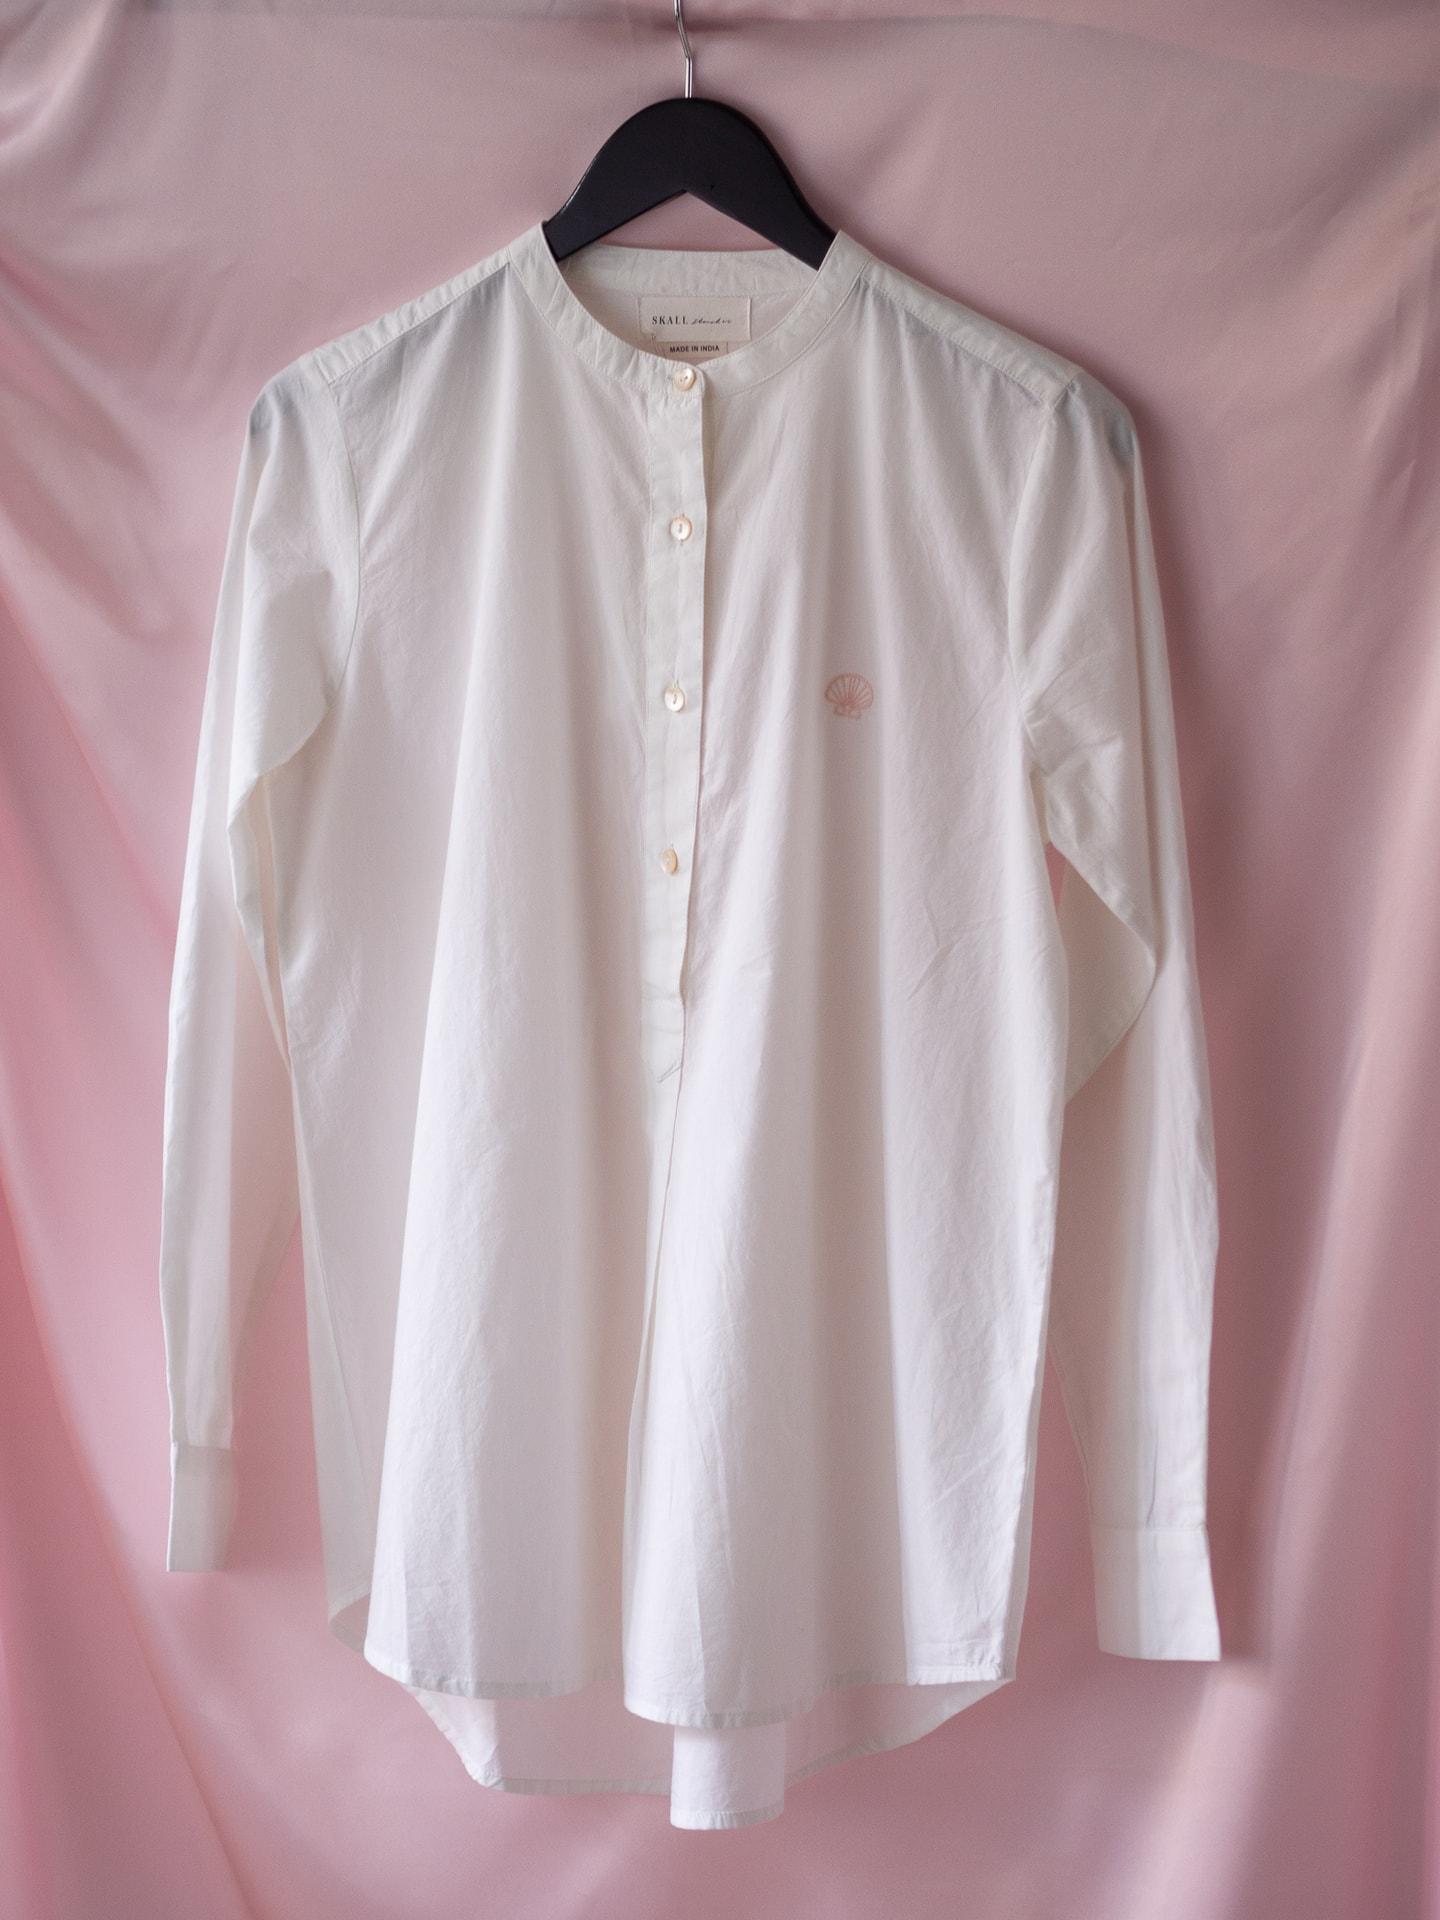 Pappi shirt